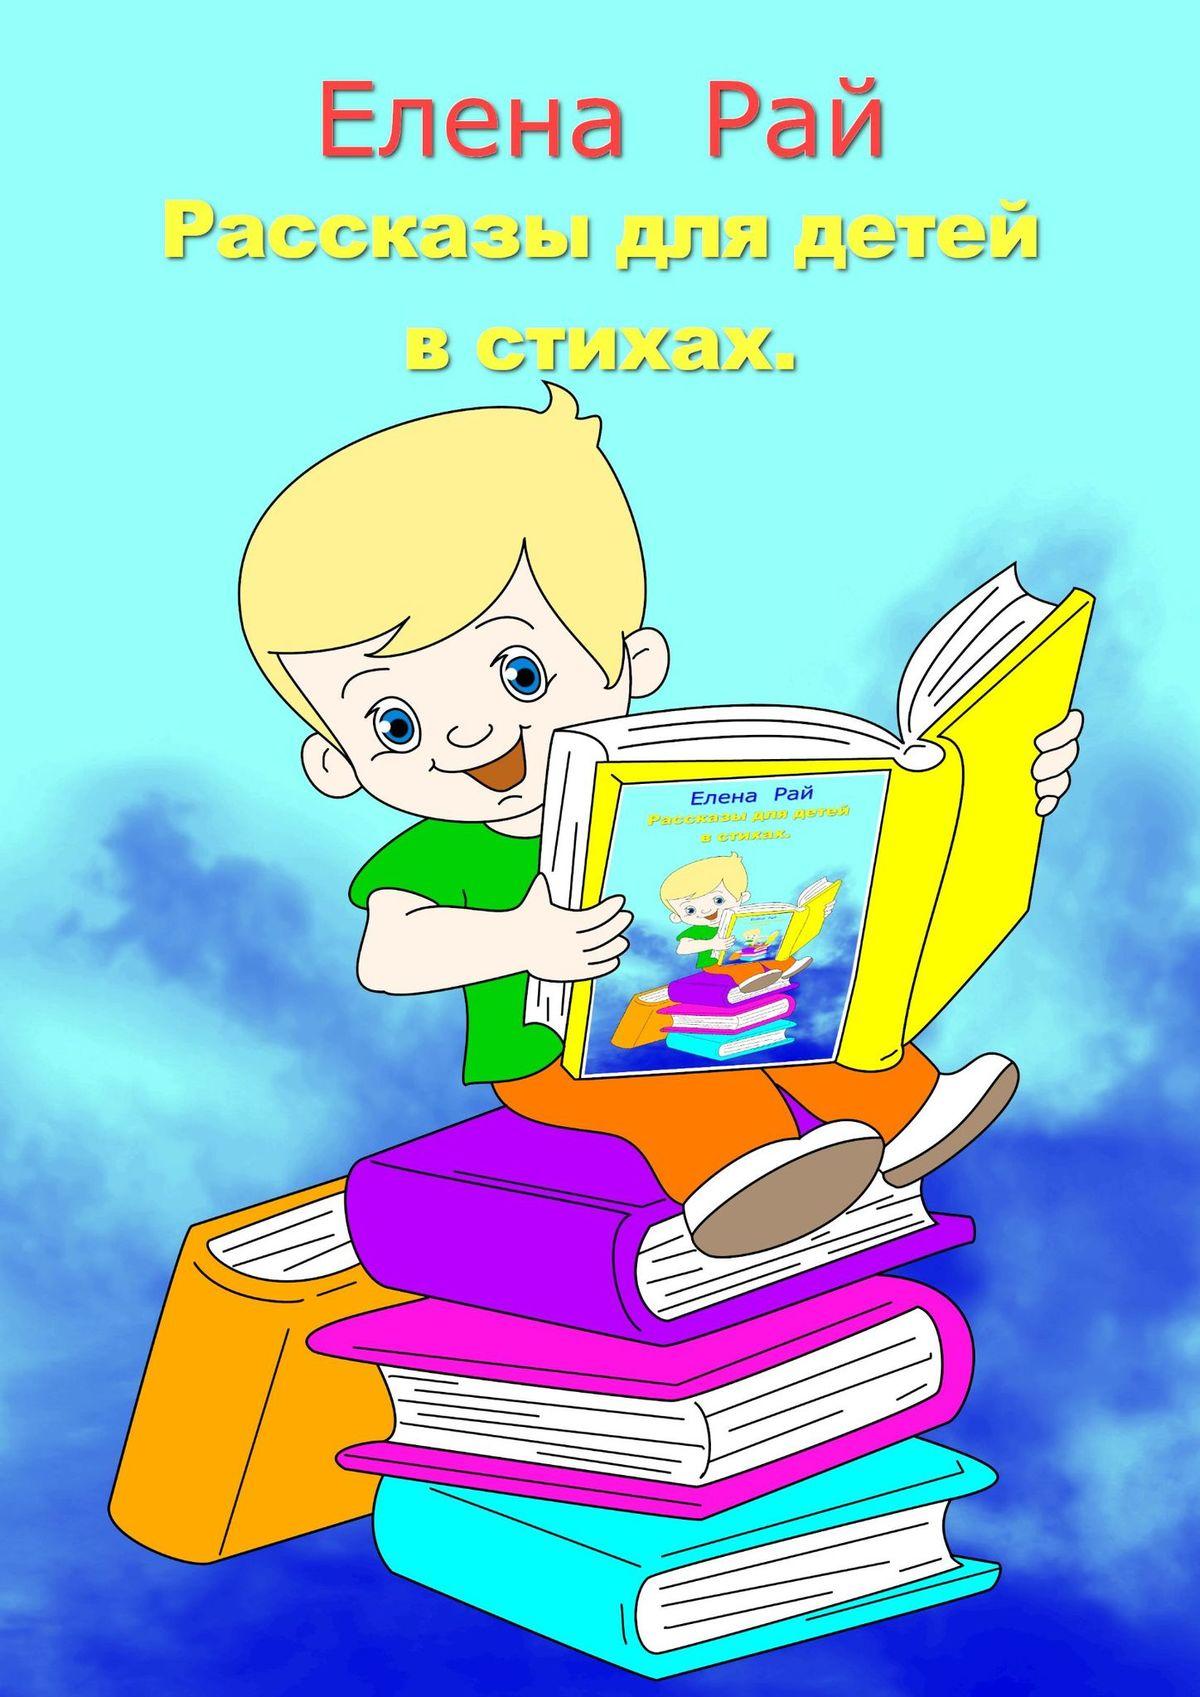 Елена Рай Рассказы для детей в стихах григорий михайлович рыжов рассказы для детей маленькие эпизоды изжизни детей